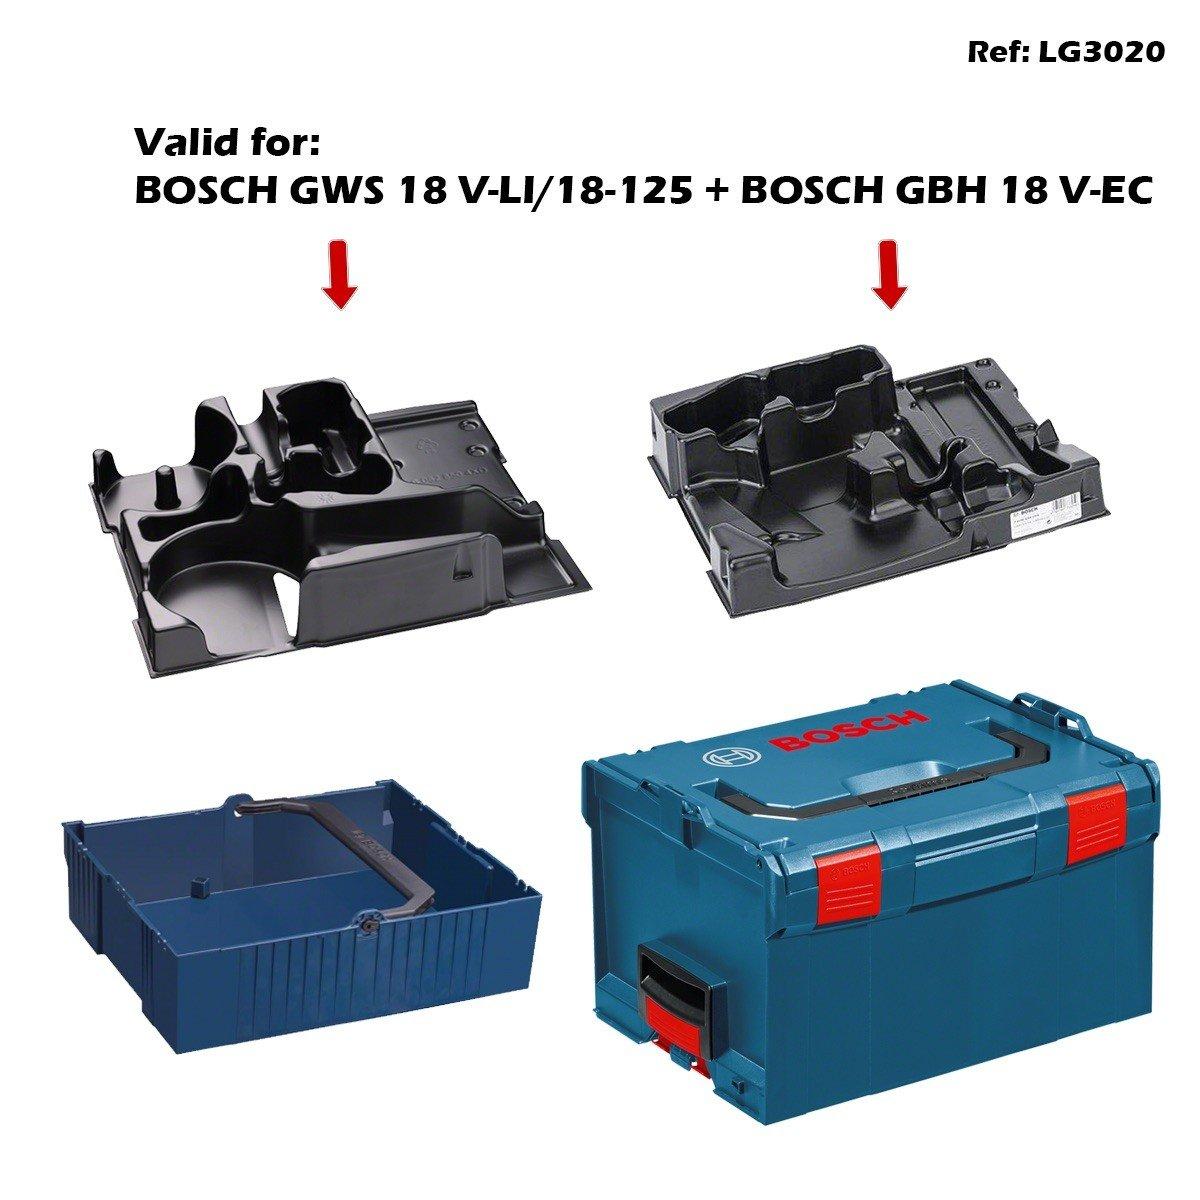 BOSCH L-Boxx 238 + Calage GWS 18 V-LI/18-125 + Calage GBH 18 V-EC + Panier TodoTaladros BOSCH